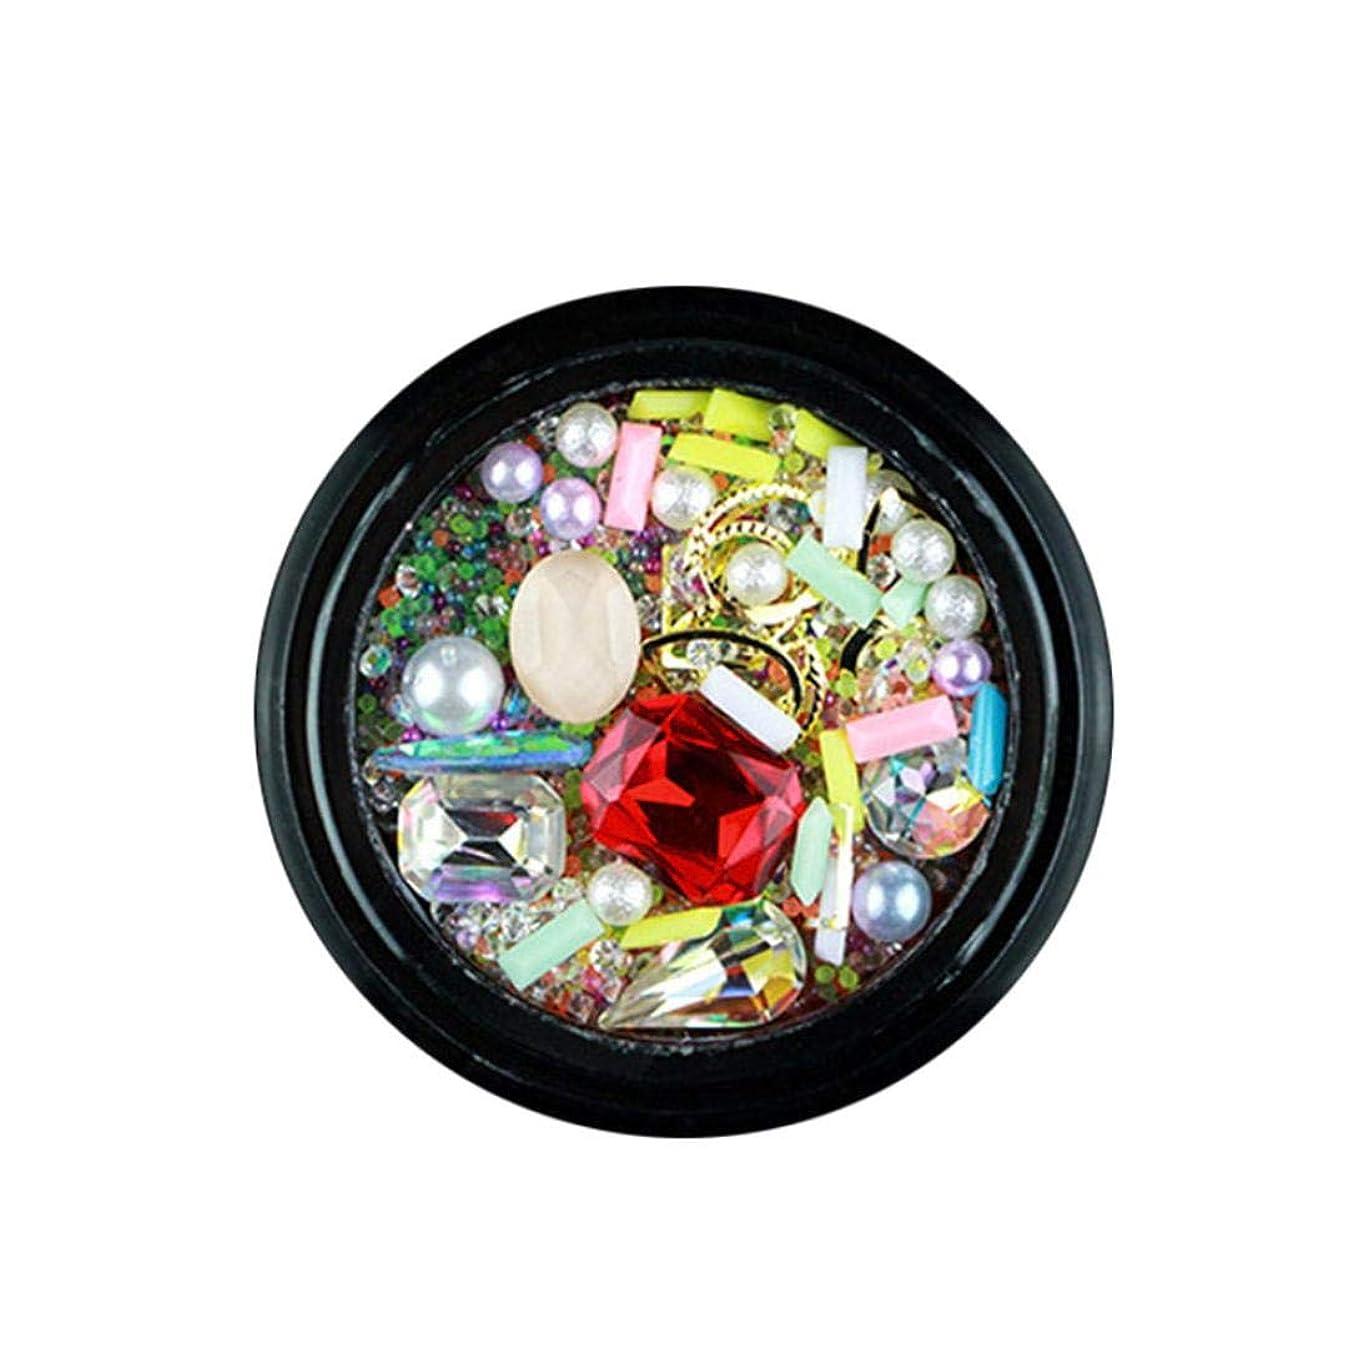 悲惨気絶させる止まるルテンズ(Lutents )メタルパーツ ネイルパール 混在 mix ゴールド ネイルアートパーツ レジン用 ジェルネイル 3Dネイルデコレーション ネイルアートシール 9 Colors Nail Art Tips Stickers (04)